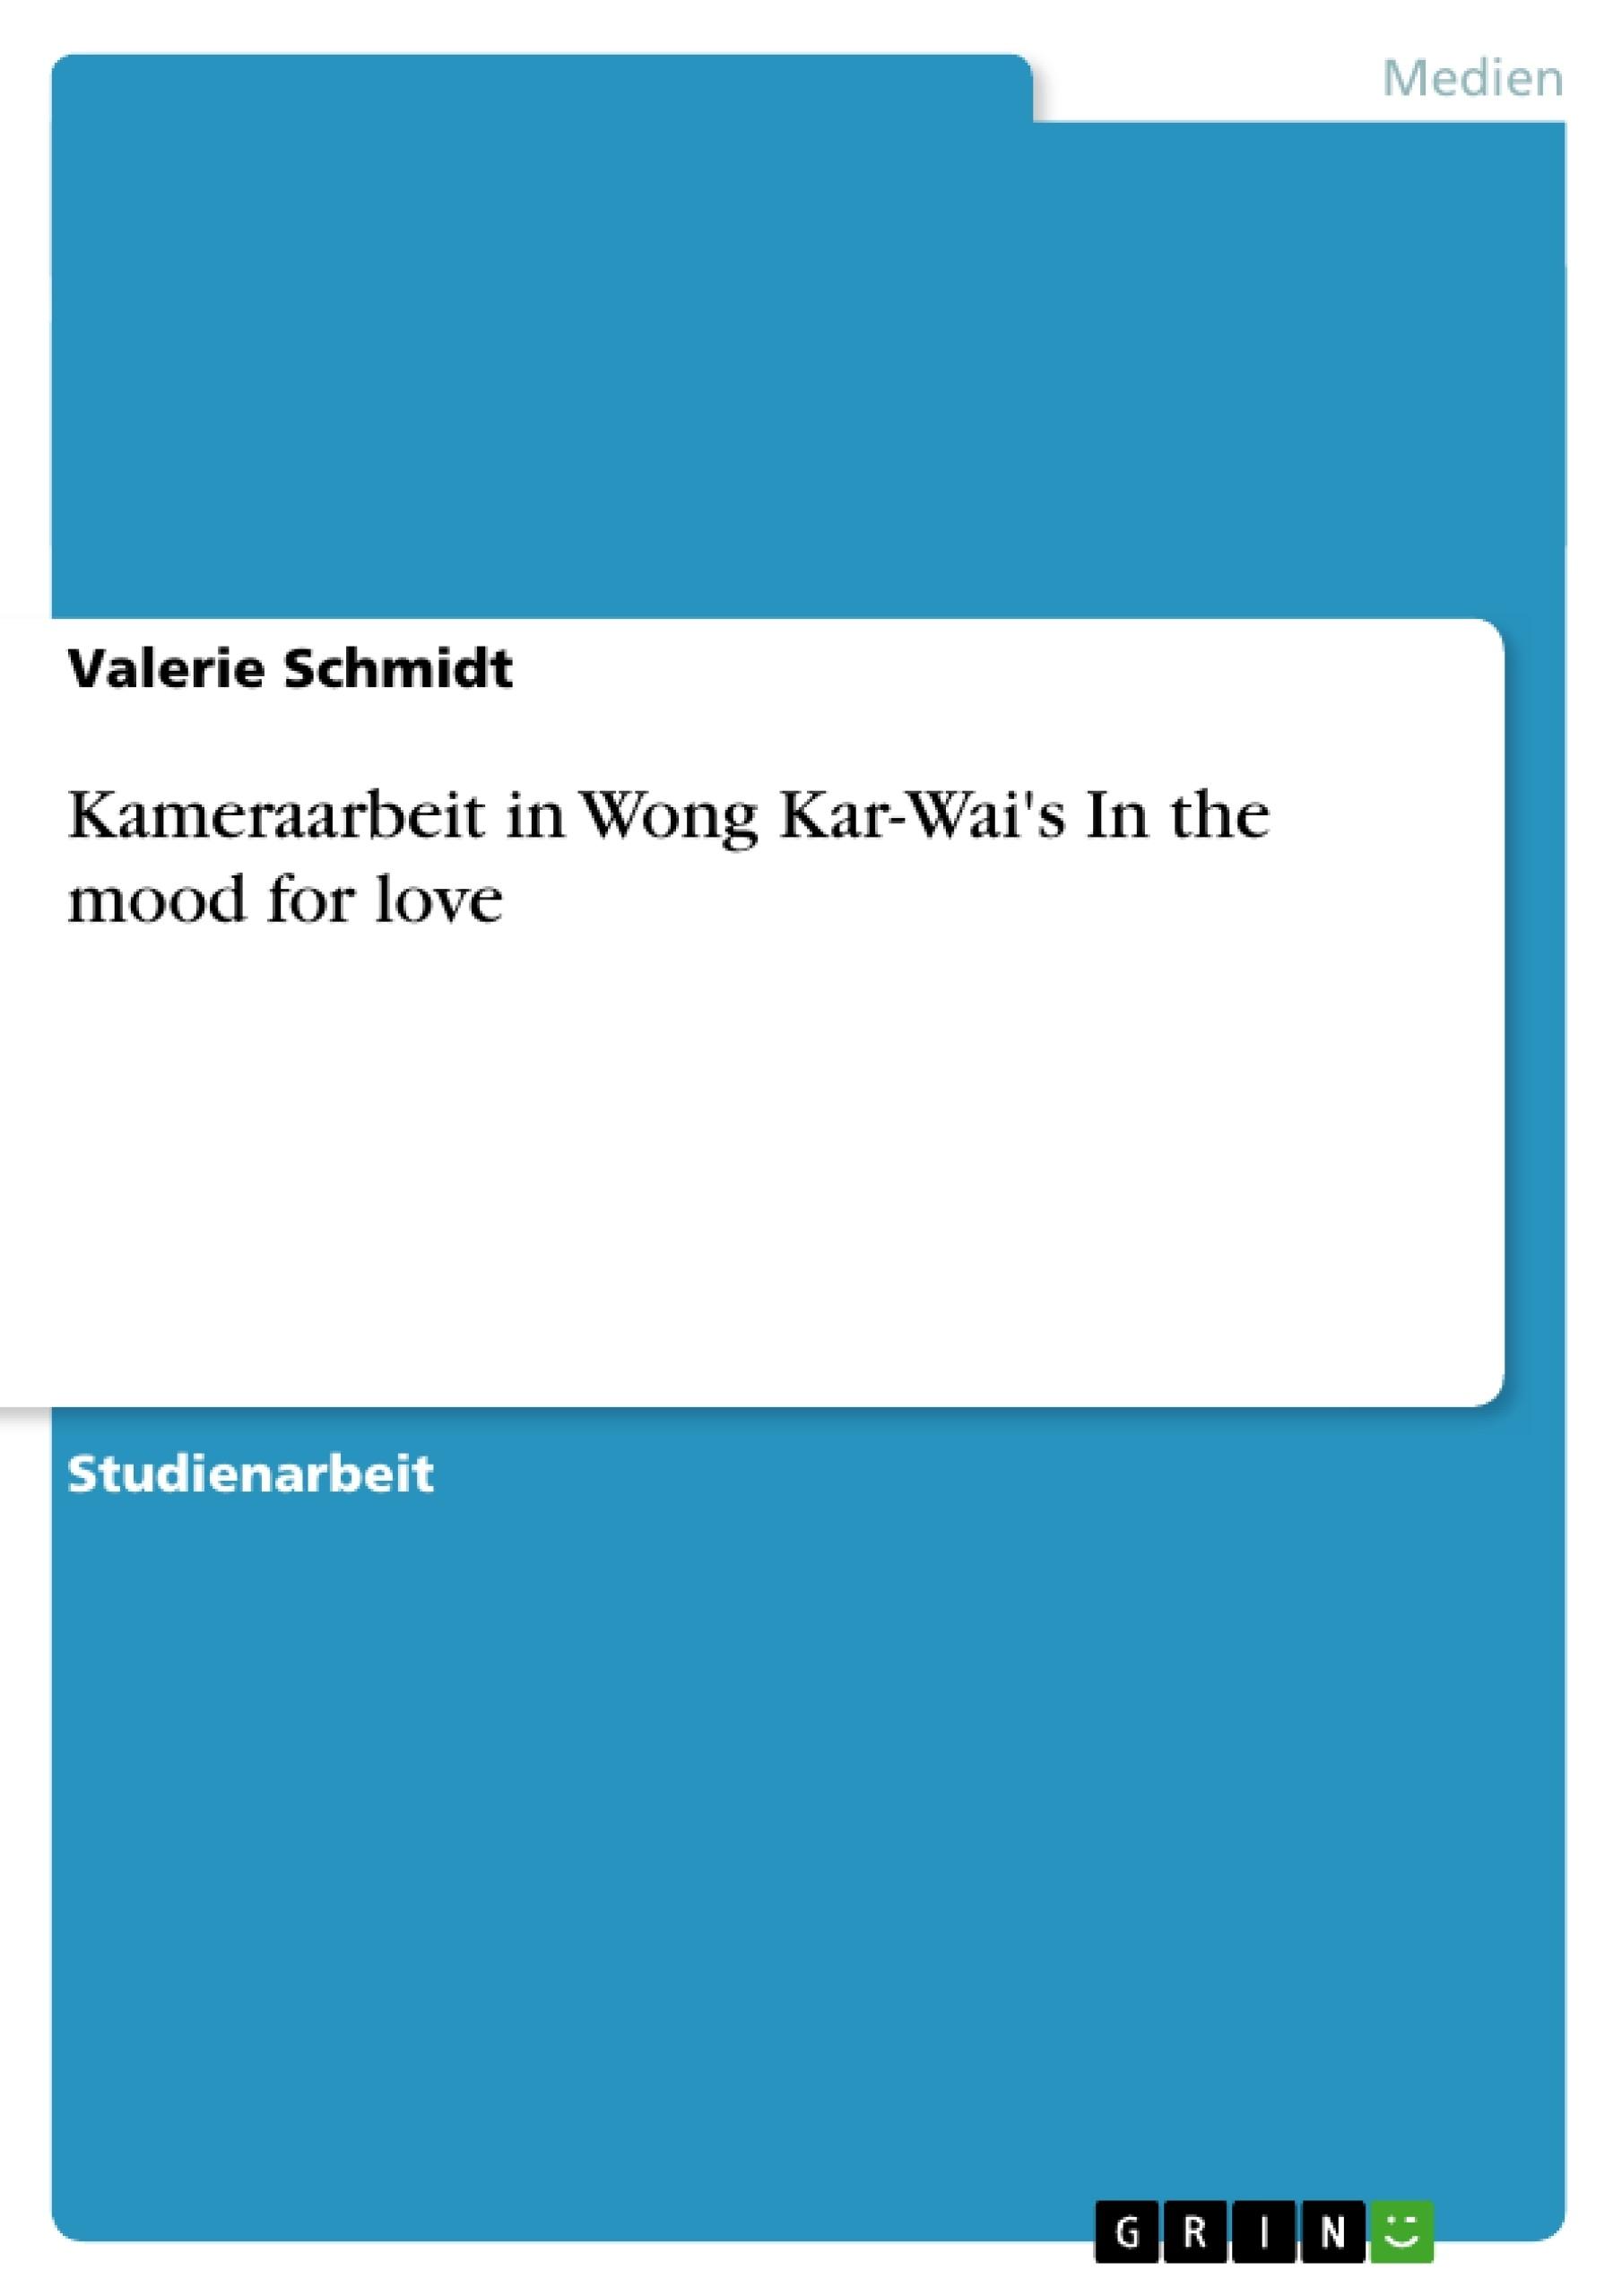 Titel: Kameraarbeit in Wong Kar-Wai's In the mood for love